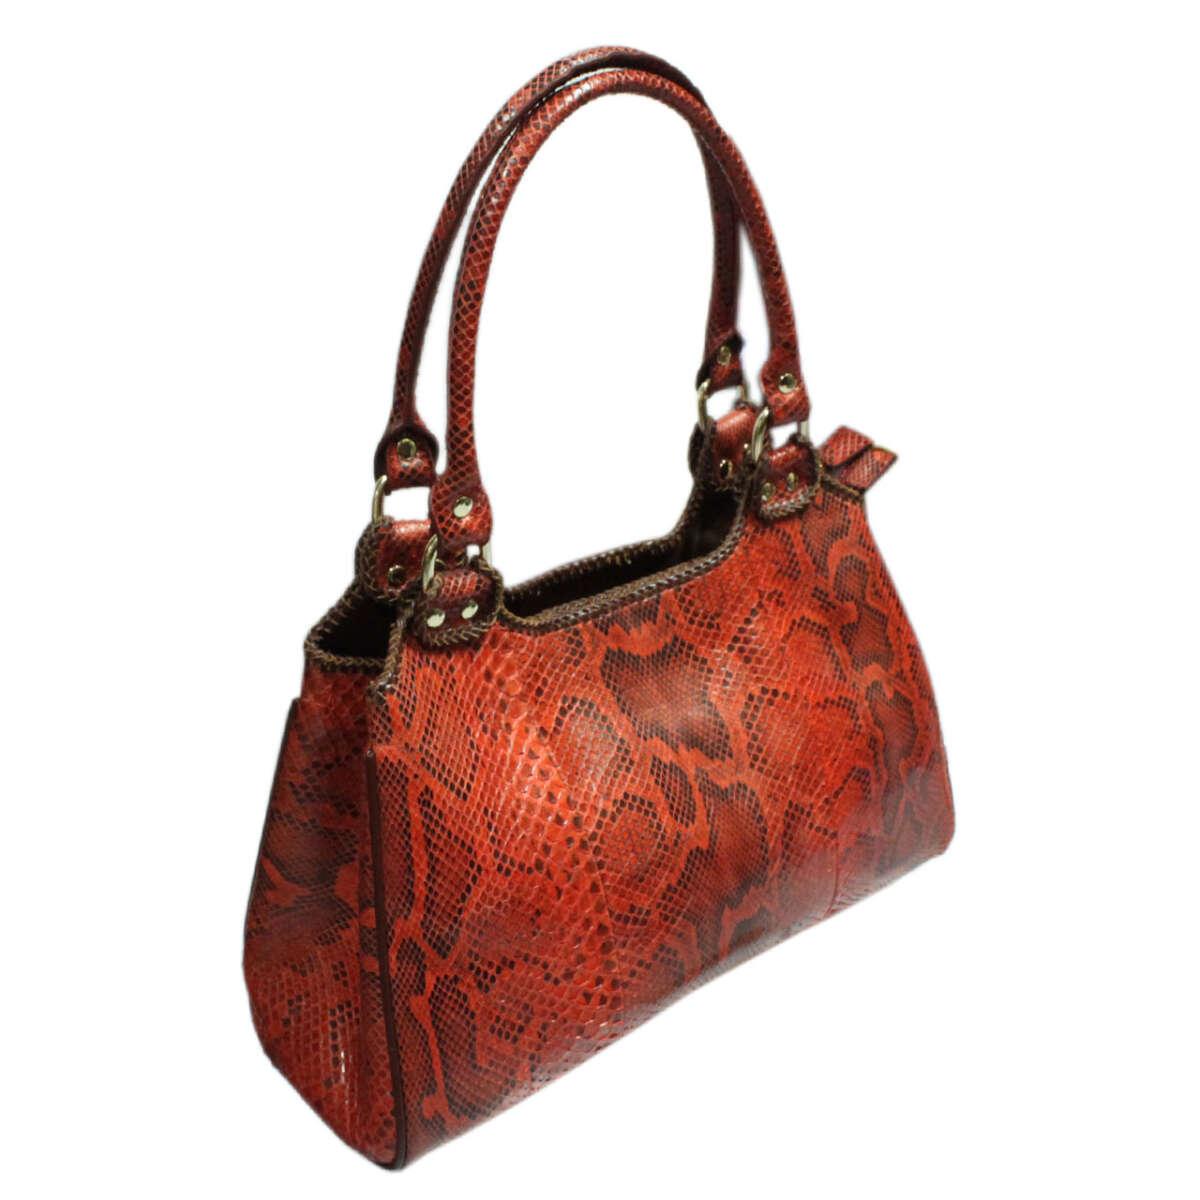 Túi xách nữ da trăn T007b